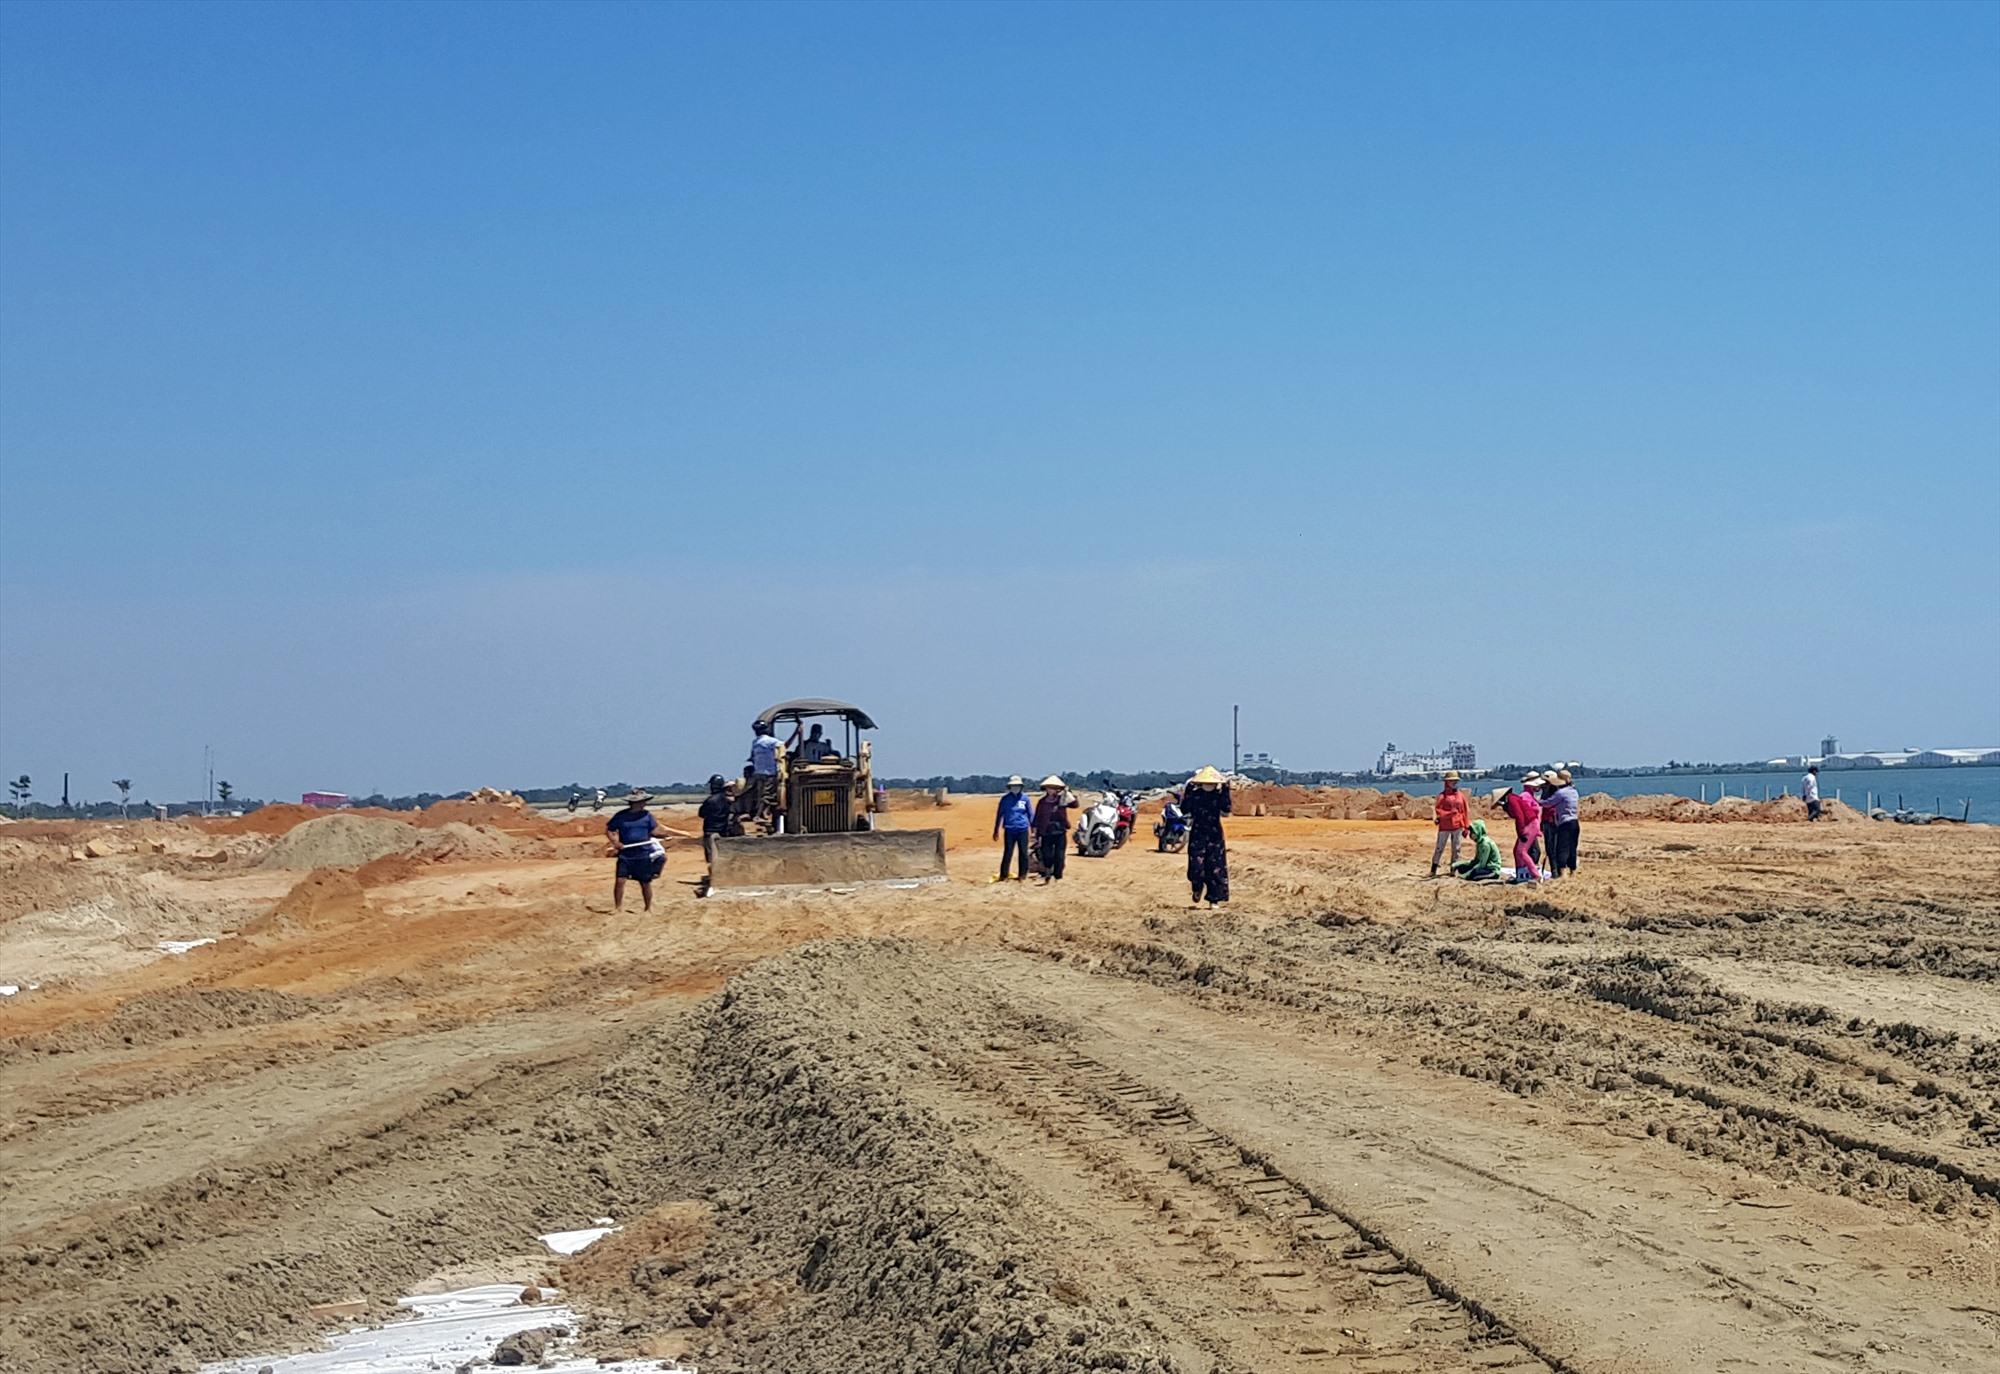 Người dân tập trung tại hiện trường vịnh An Hòa cản trở thi công dự án. Ảnh: T.N